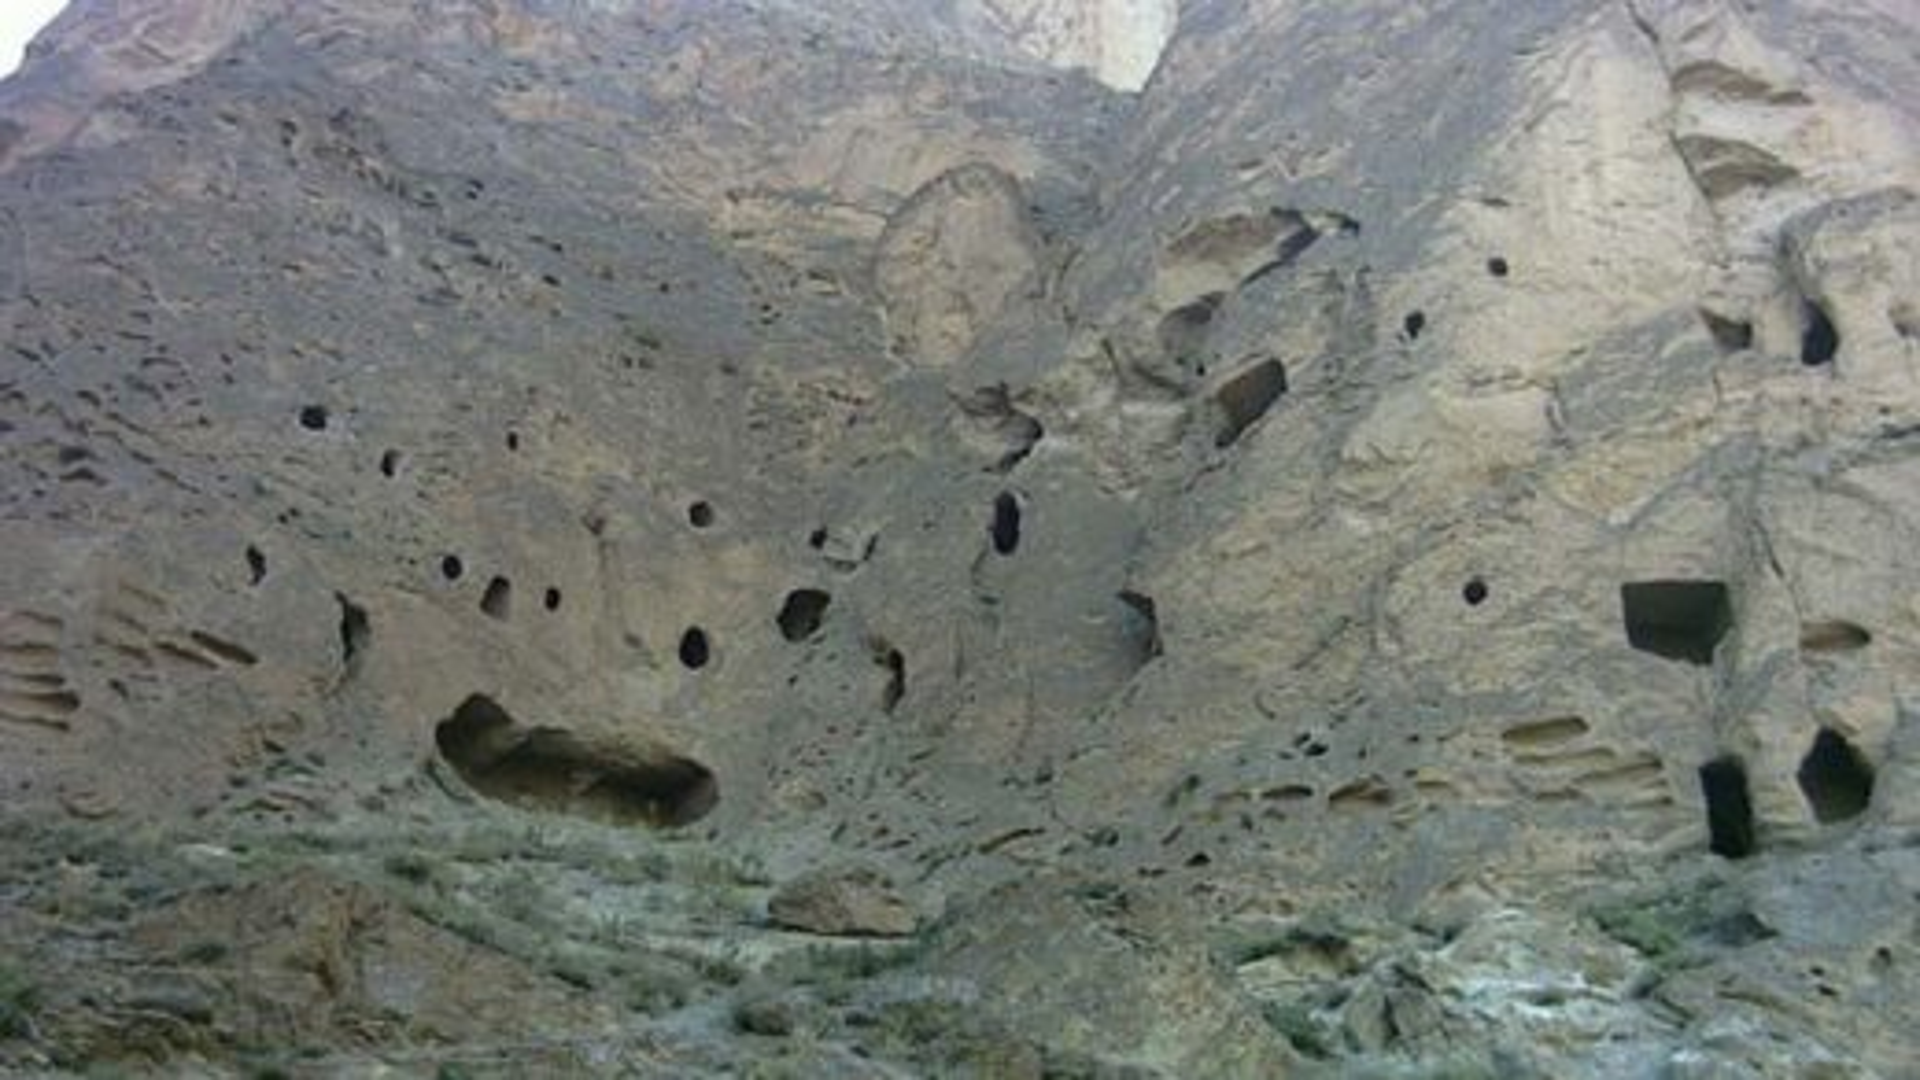 غارهای سنگی کافرکلی در  شهر آمل | فیلم